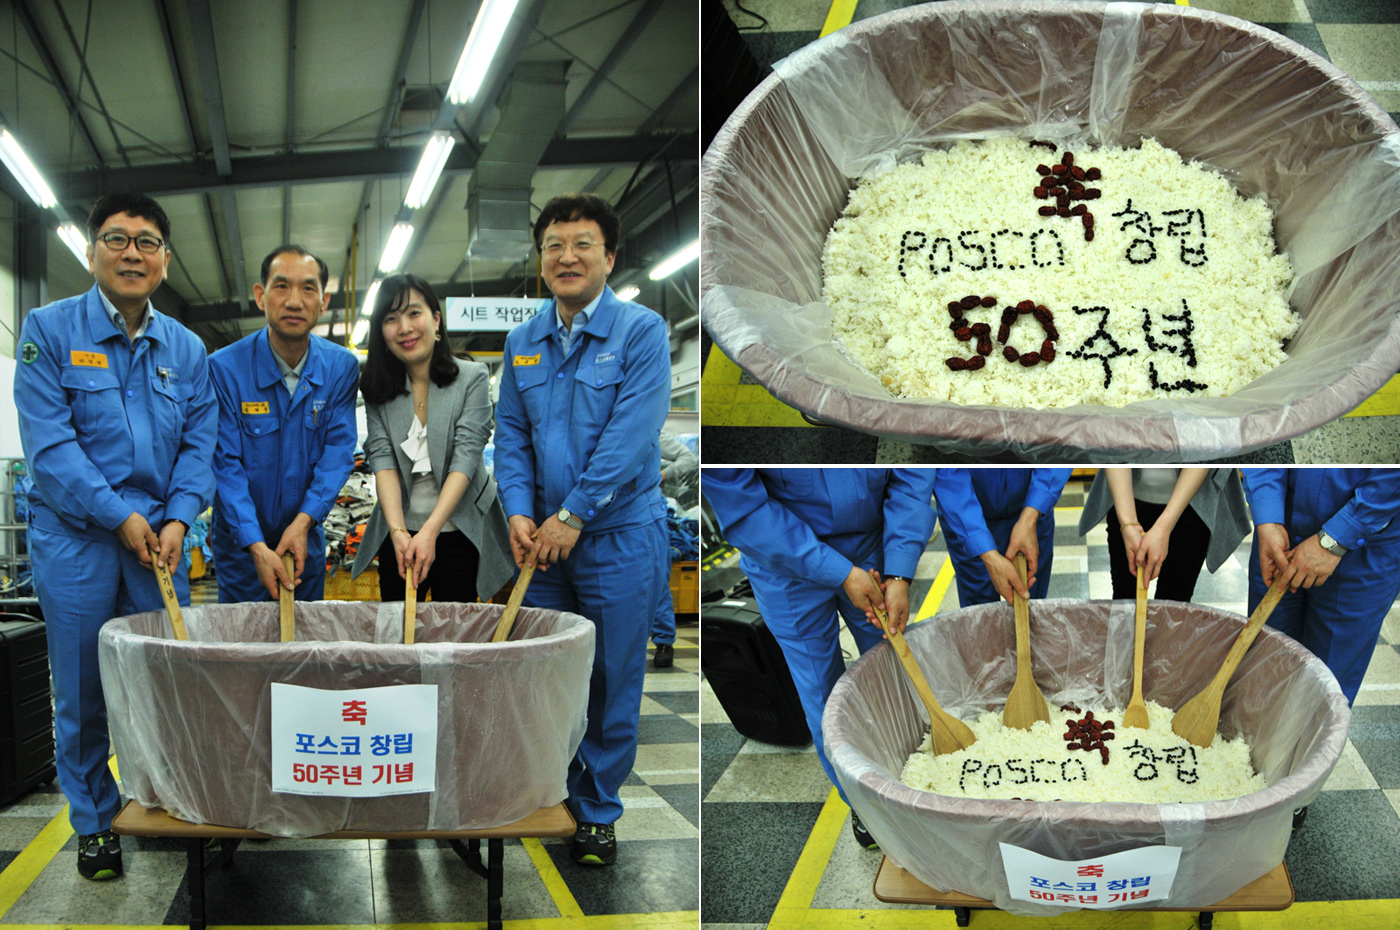 포스코휴먼스가 3월 29일 클리닝센터에서 포스코 창립 50주년을 축하하는 비빔밥 퍼포먼스를 선보인 모습